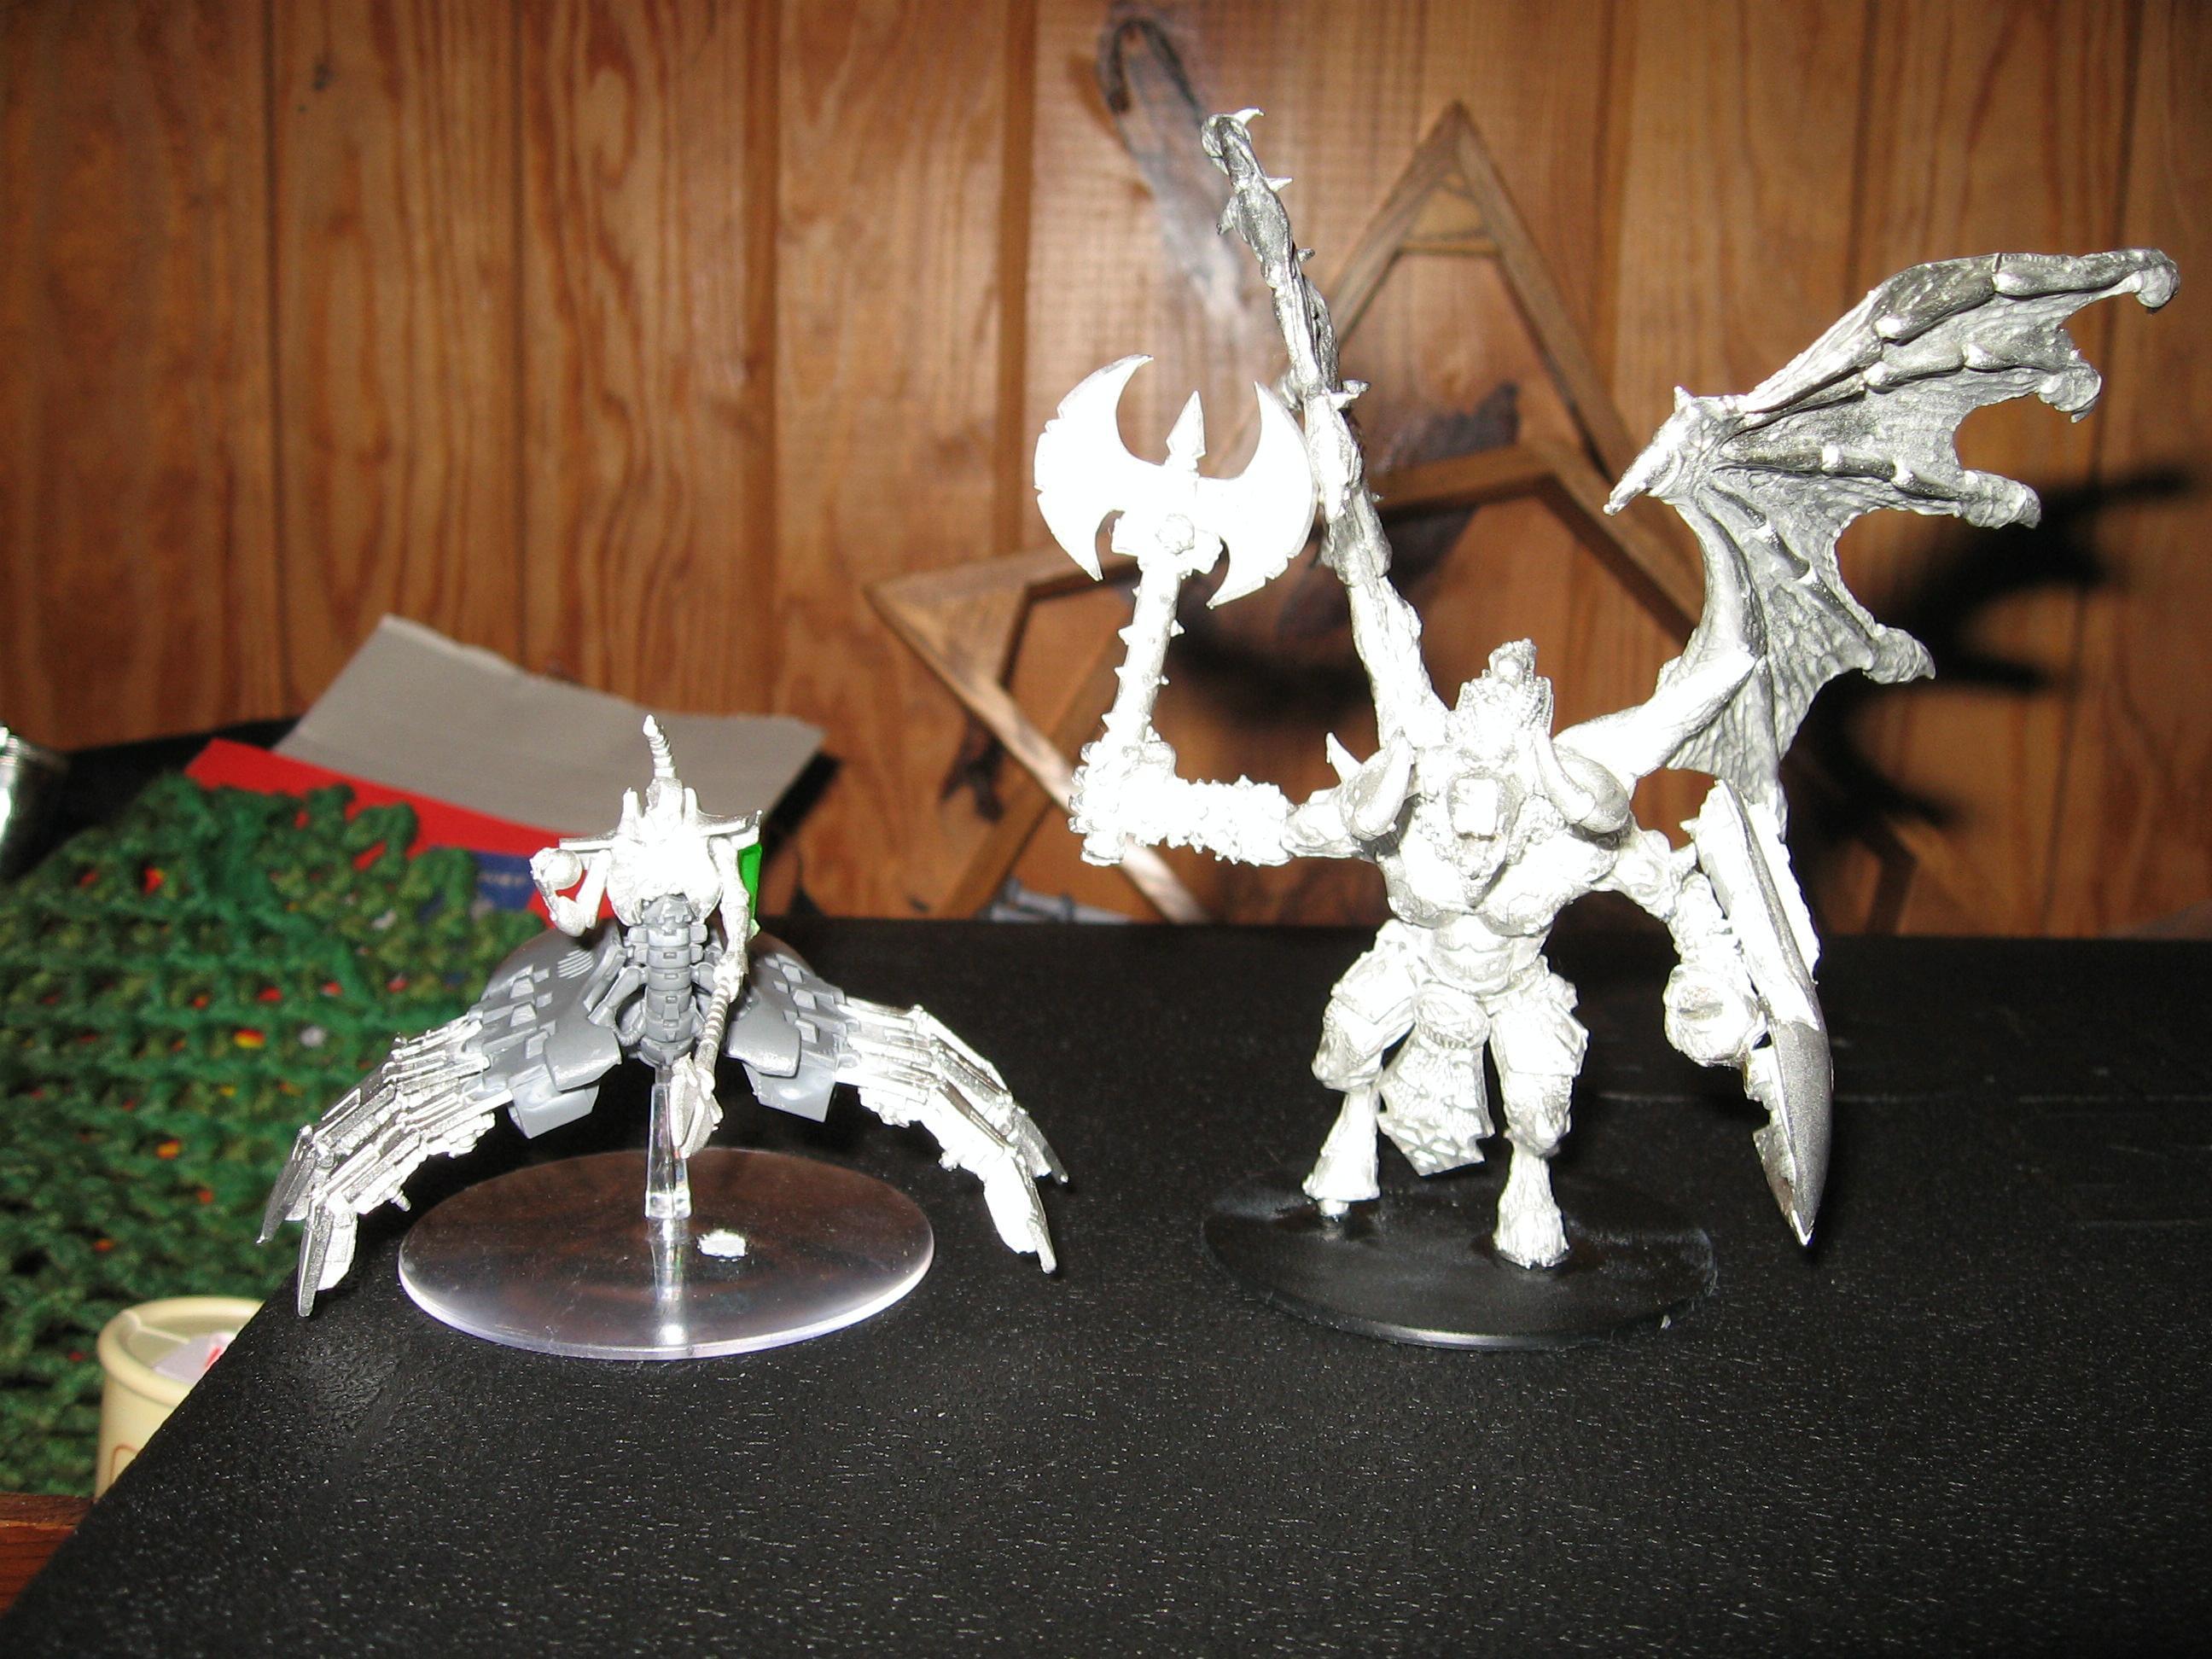 Bloodthirster, Conversion, Destroyer, Necron Lord, Warhammer 40,000